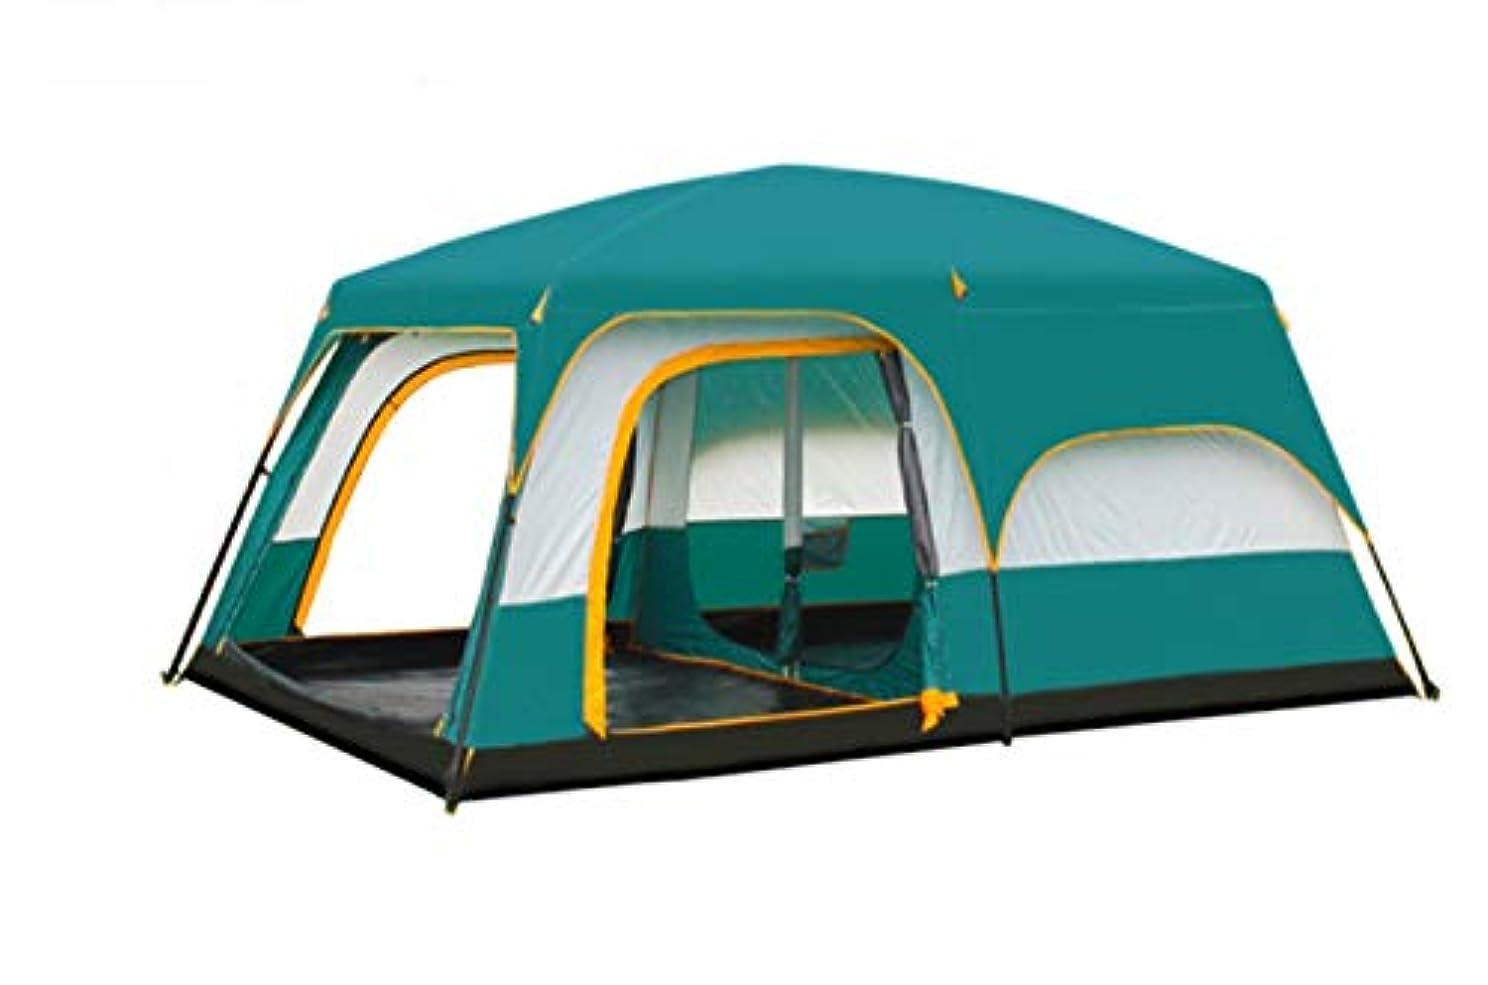 自体家庭求人LYgMV 2ベッドルーム、1ホール、テント、屋外キャンプ、6人、8人、10人、12人、2部屋、多人数用テント